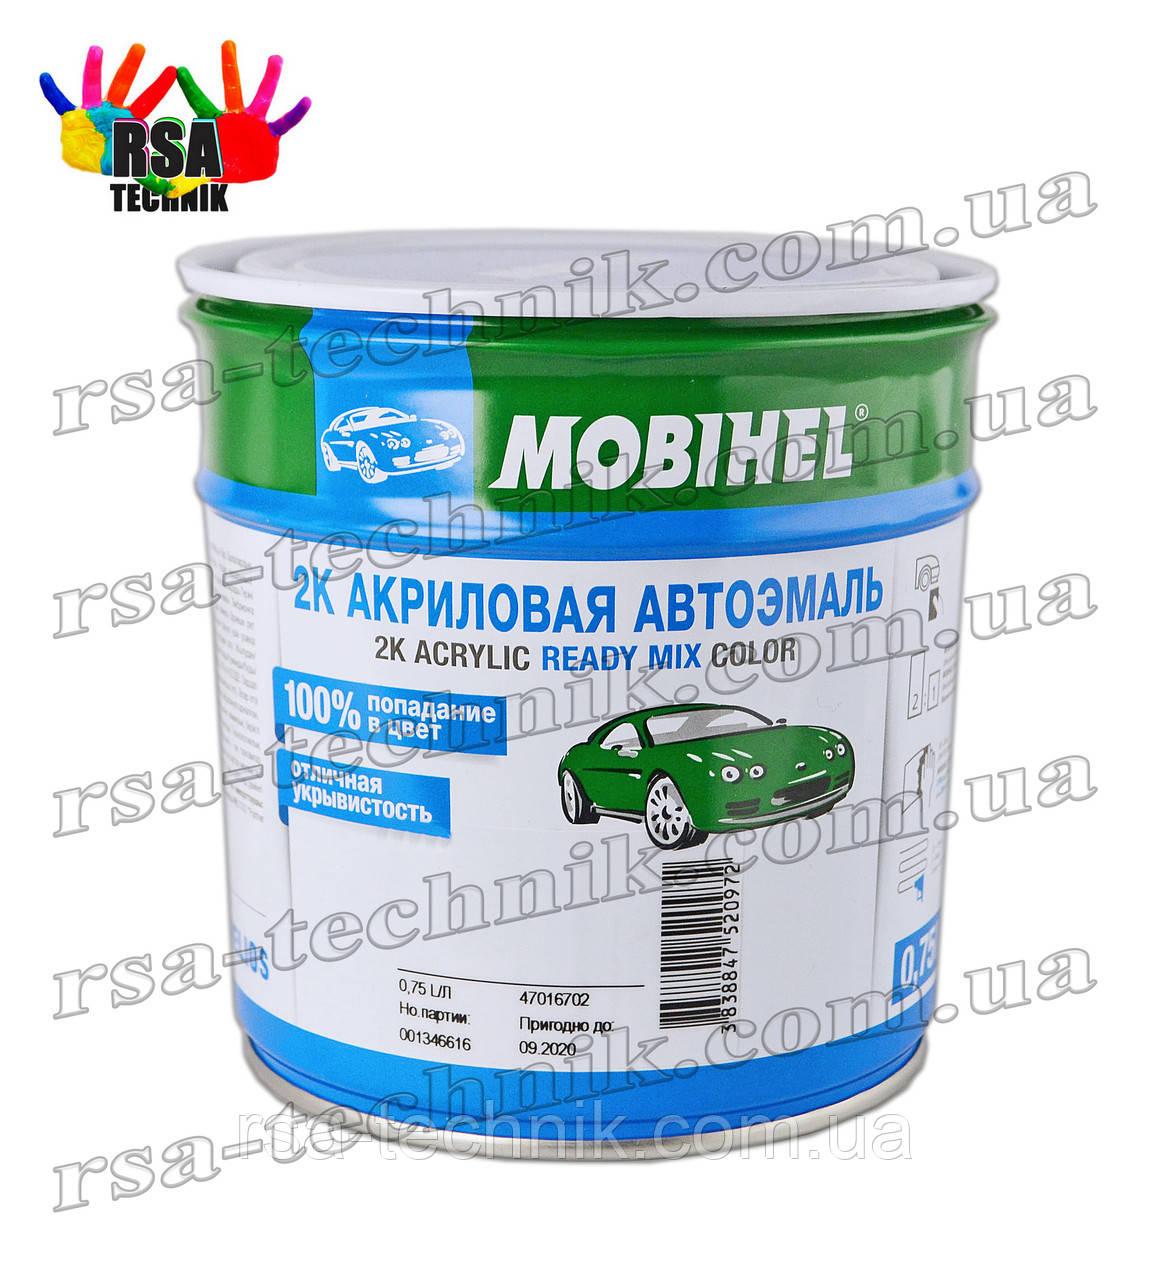 Акриловая эмаль mobihel 0,75л Сливочно-белая